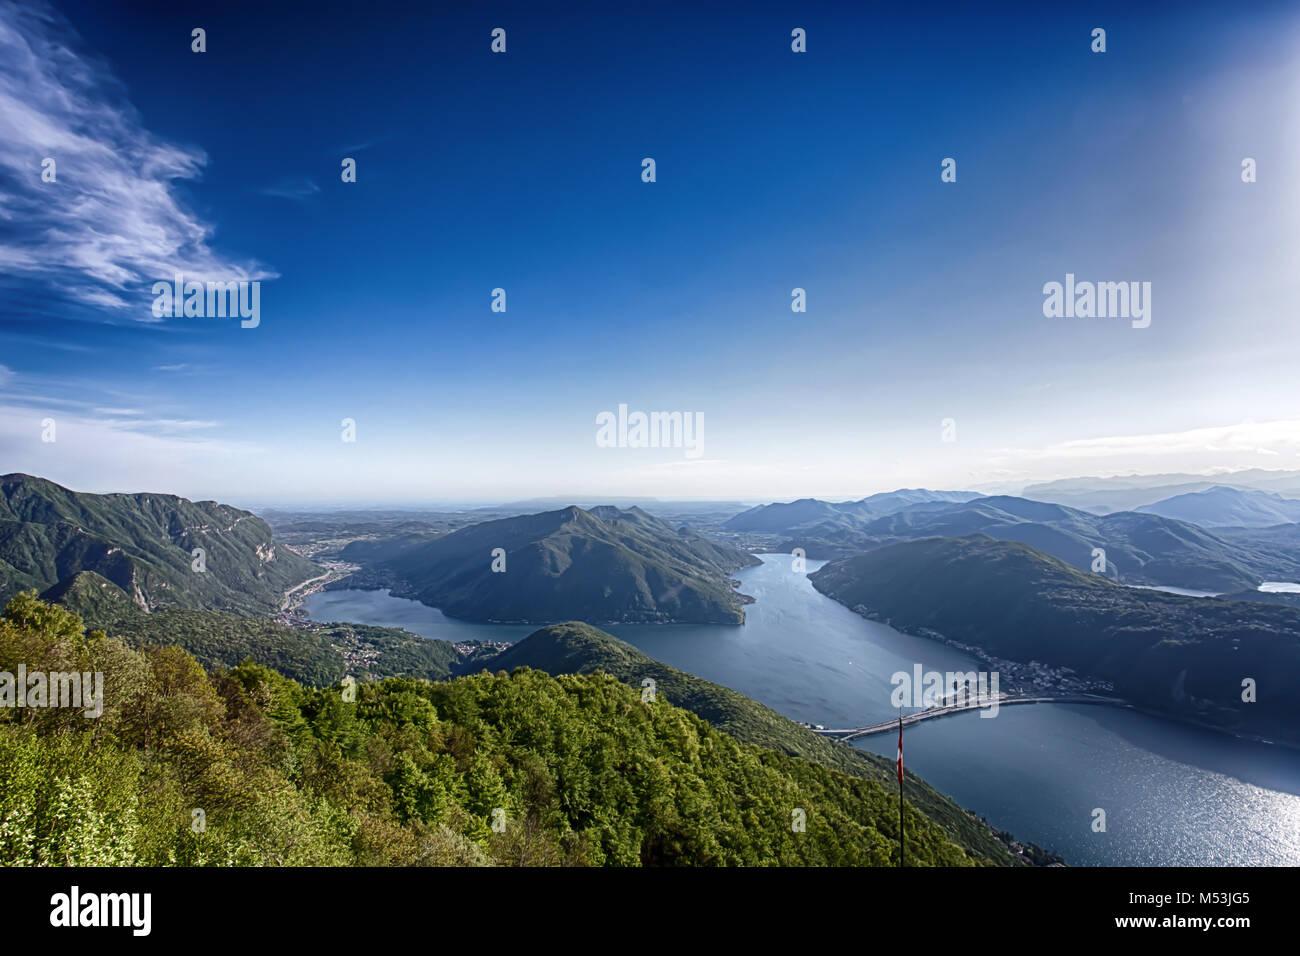 Lake view and mountains on Lugano, Switzerland. View point/ lake/mountains. Stock Photo